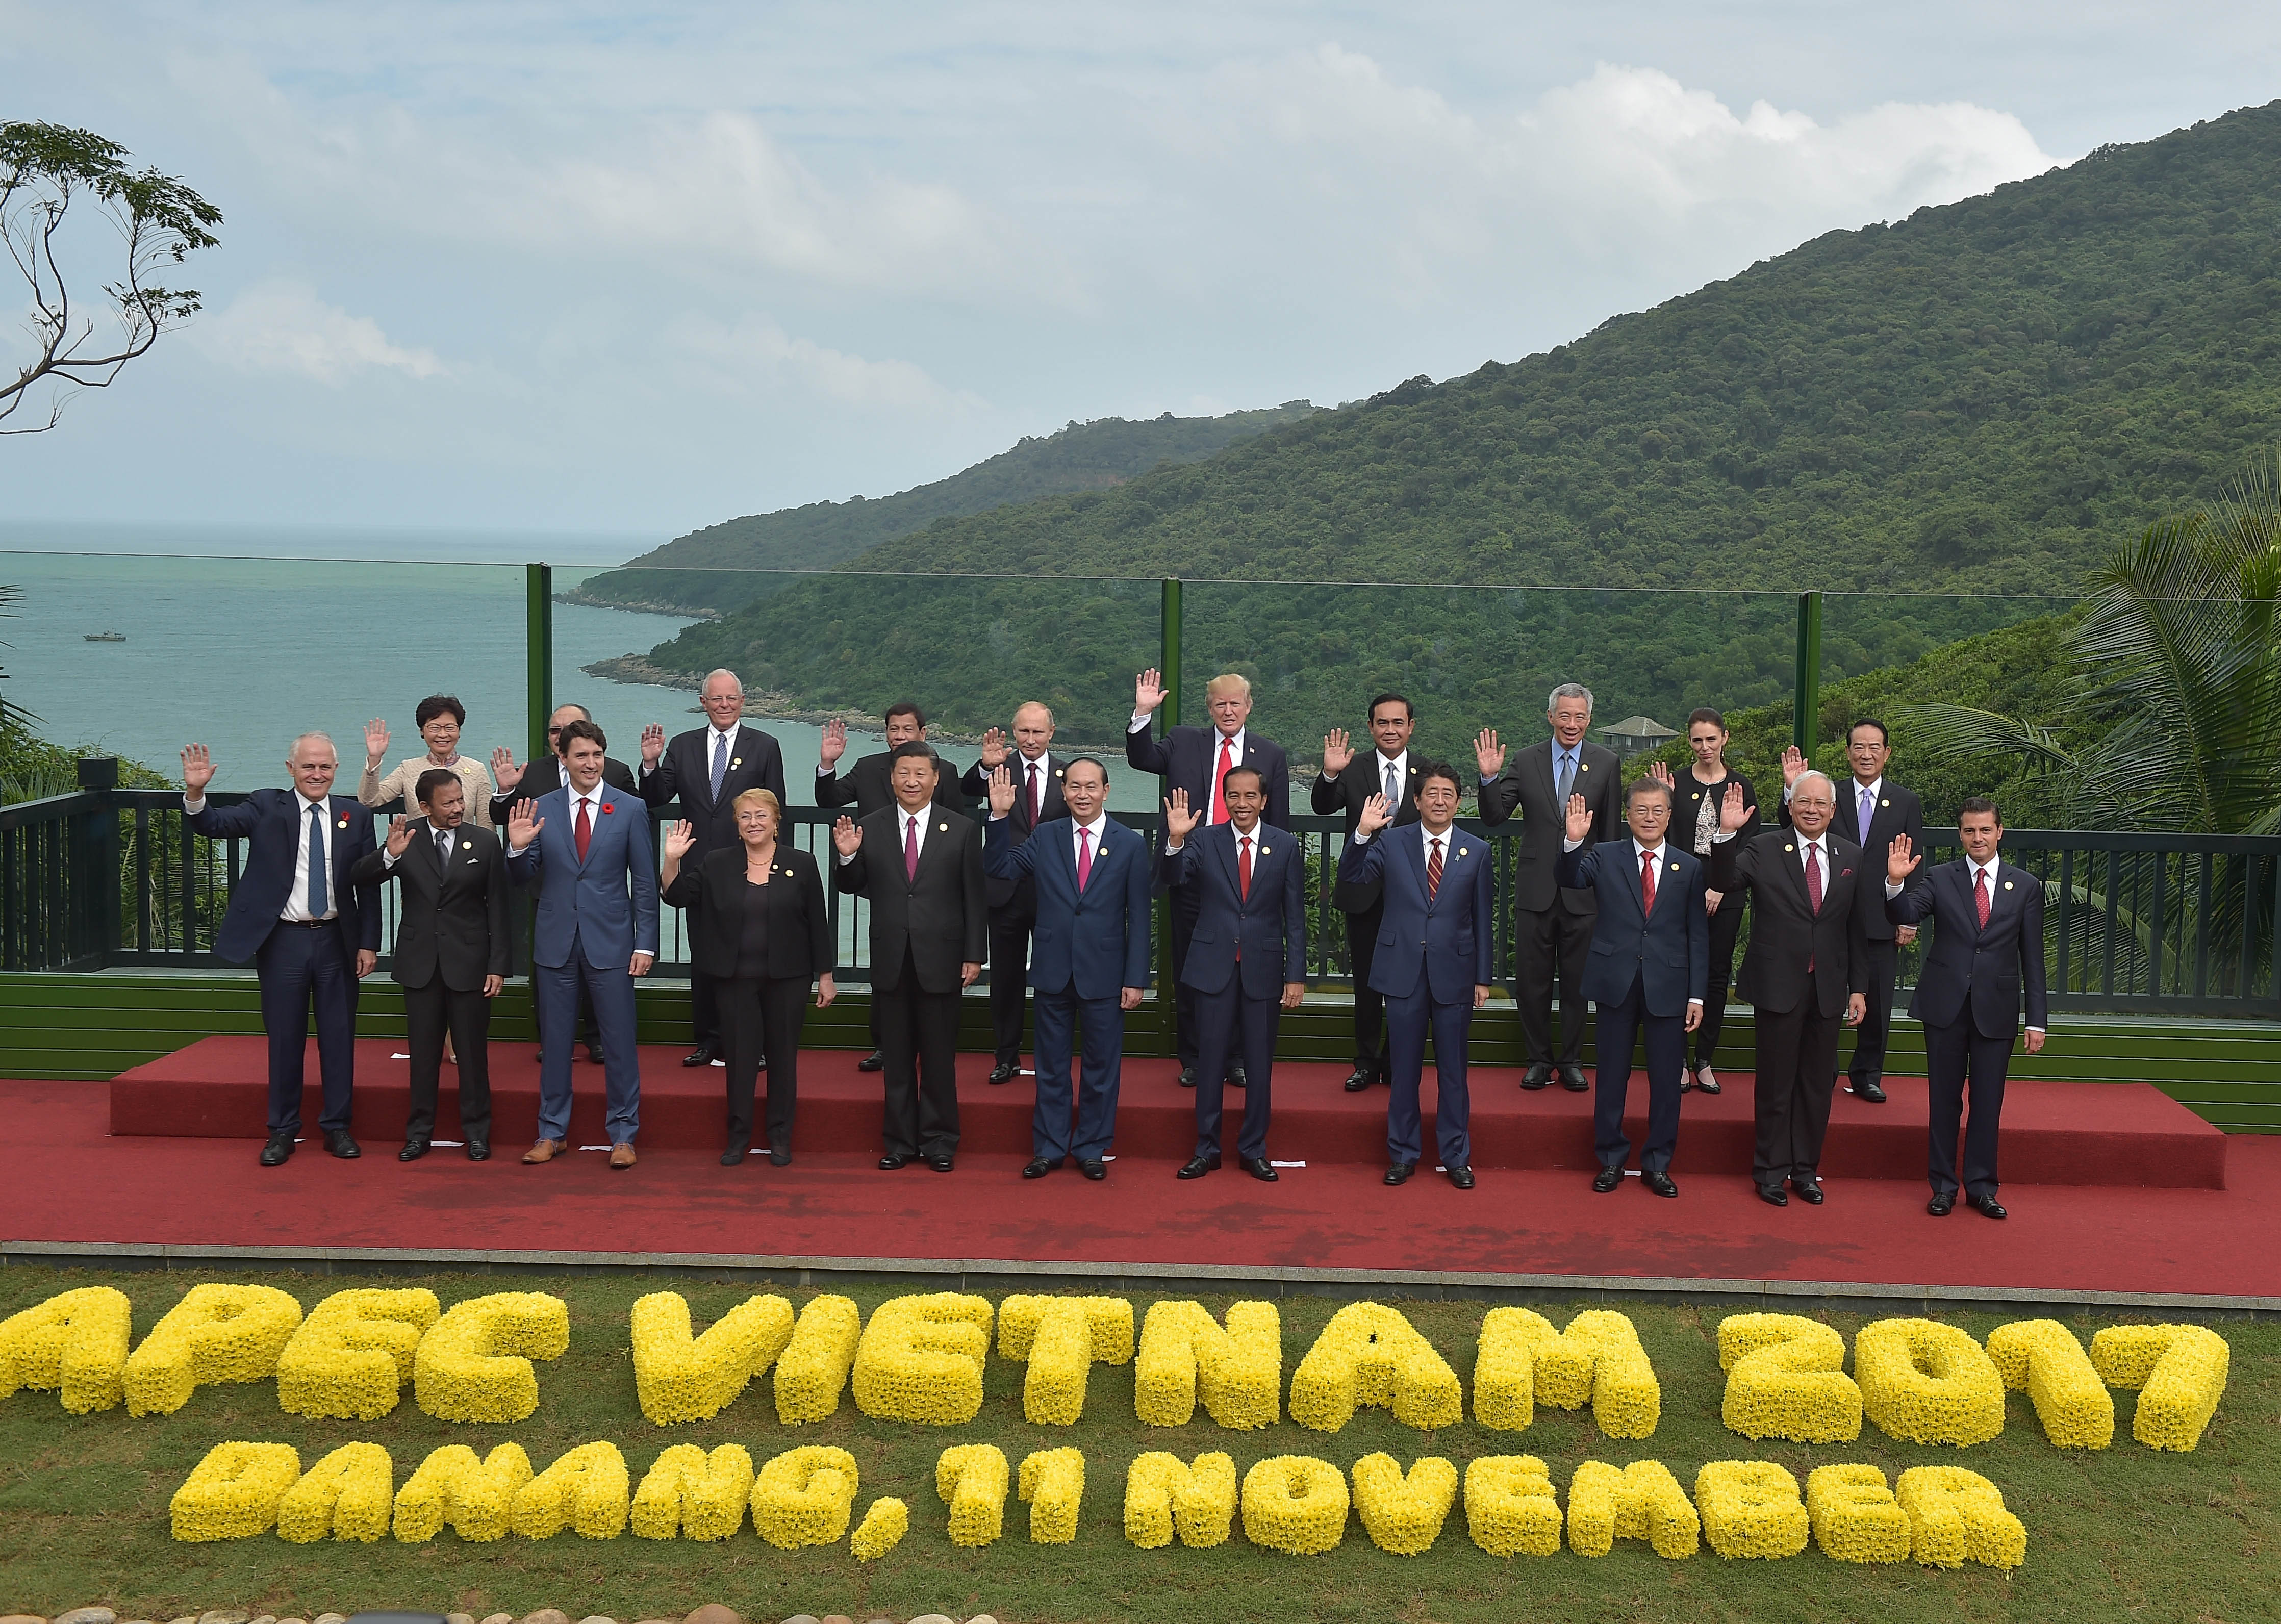 El Presidente Enrique Peña Nieto, en compañía de los mandatarios asistentes a la XXV Reunión de Líderes de APEC, posó para la Fotografía Oficial del encuentro realizado en esta ciudad.